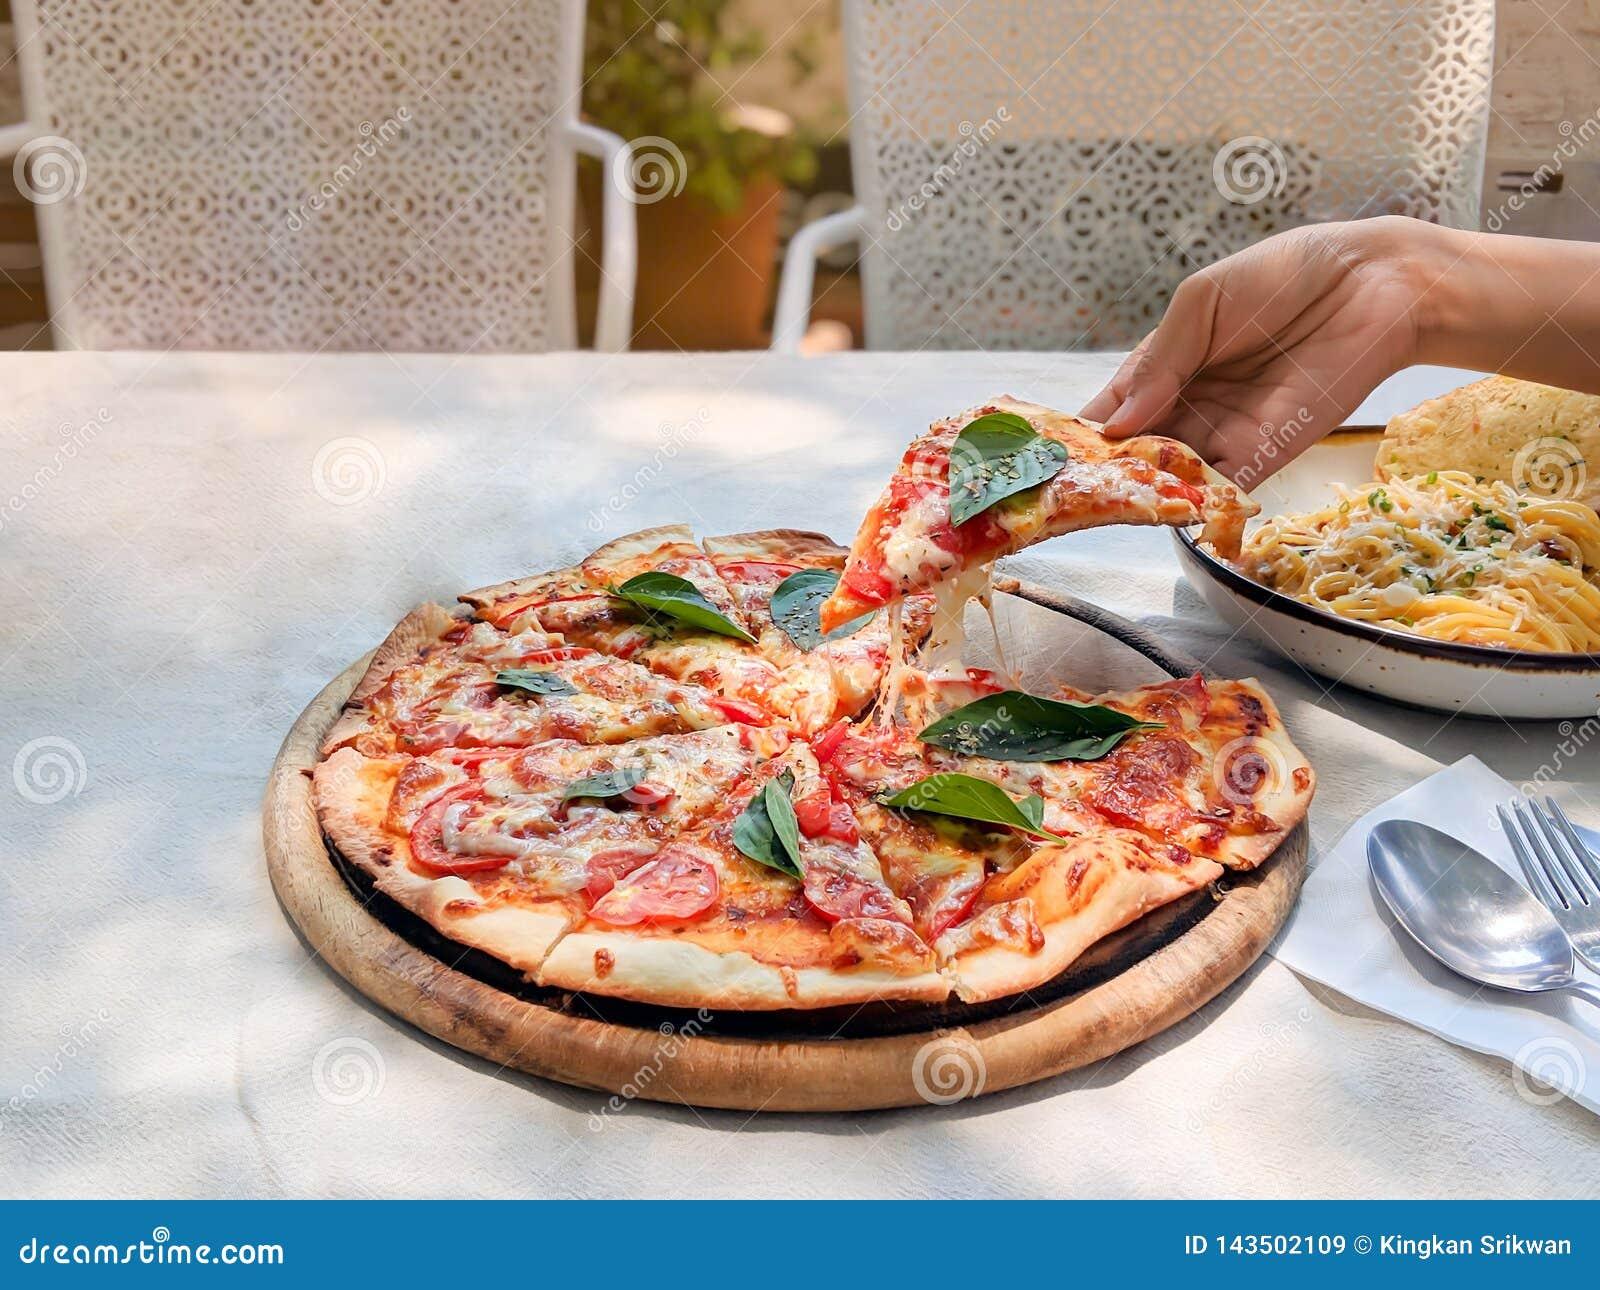 De hand houdt en trekt een plak van pizzamargherita uit het dienblad